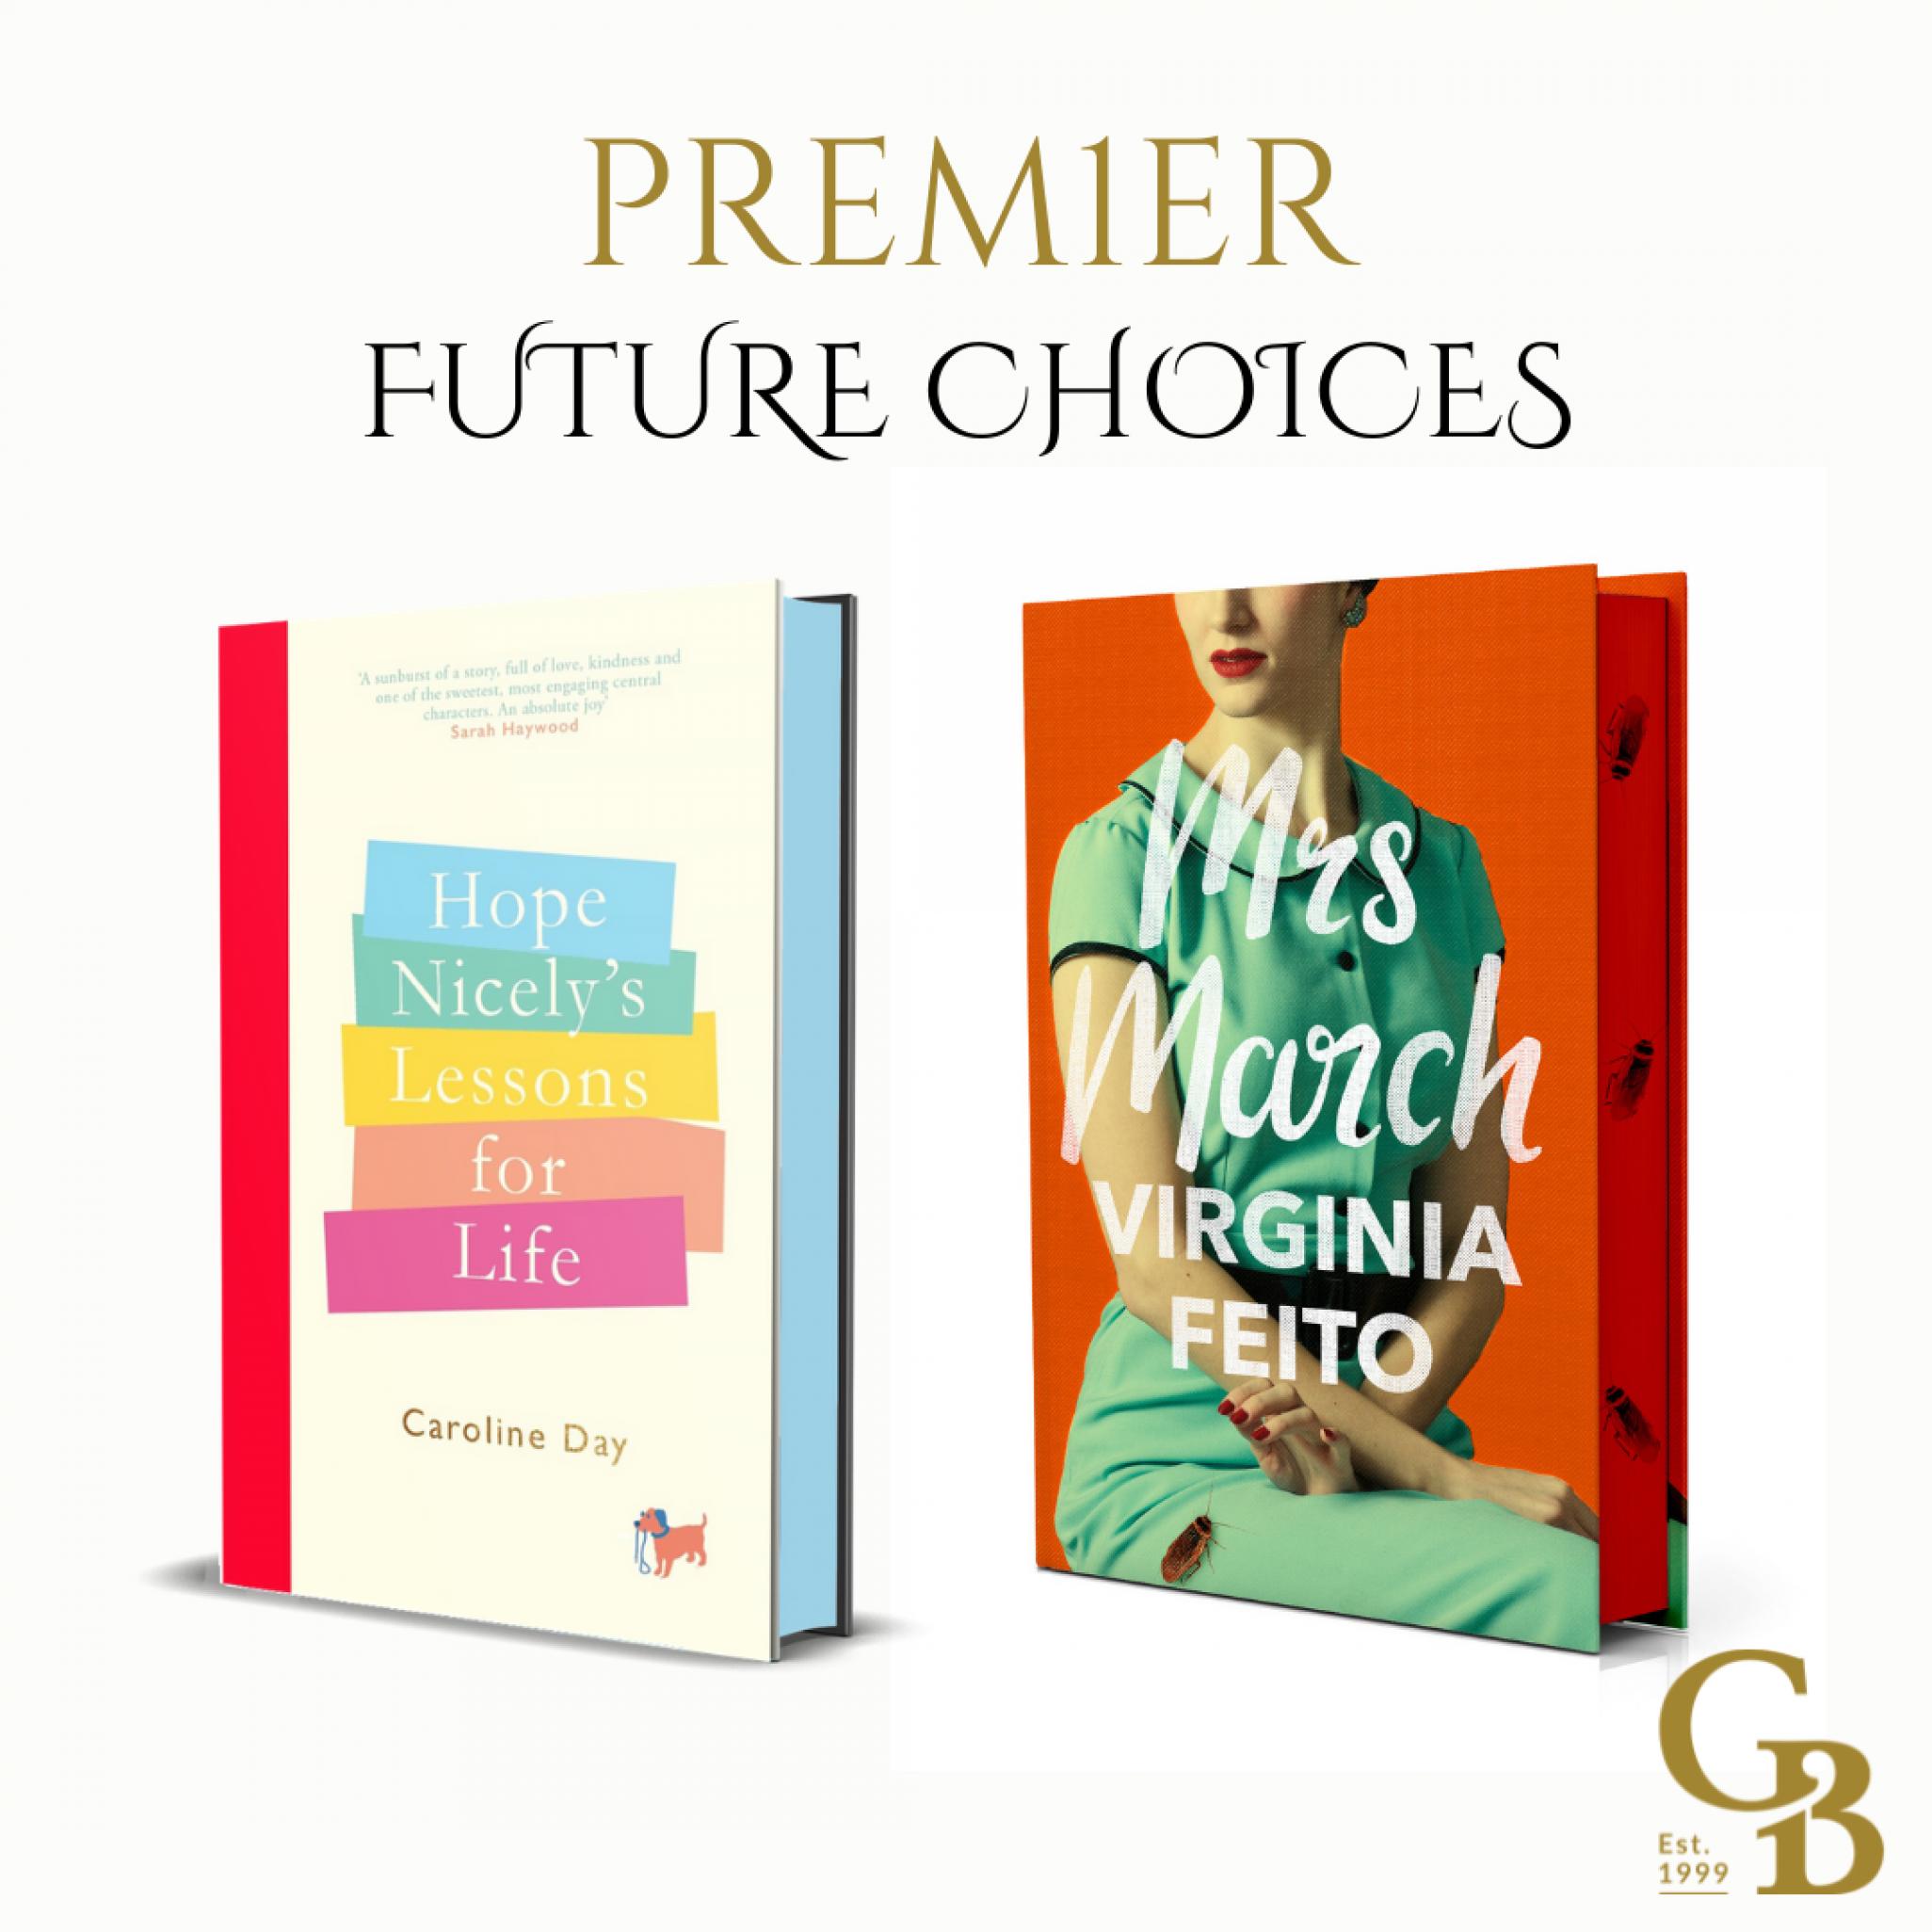 PREM1ER Future Choices